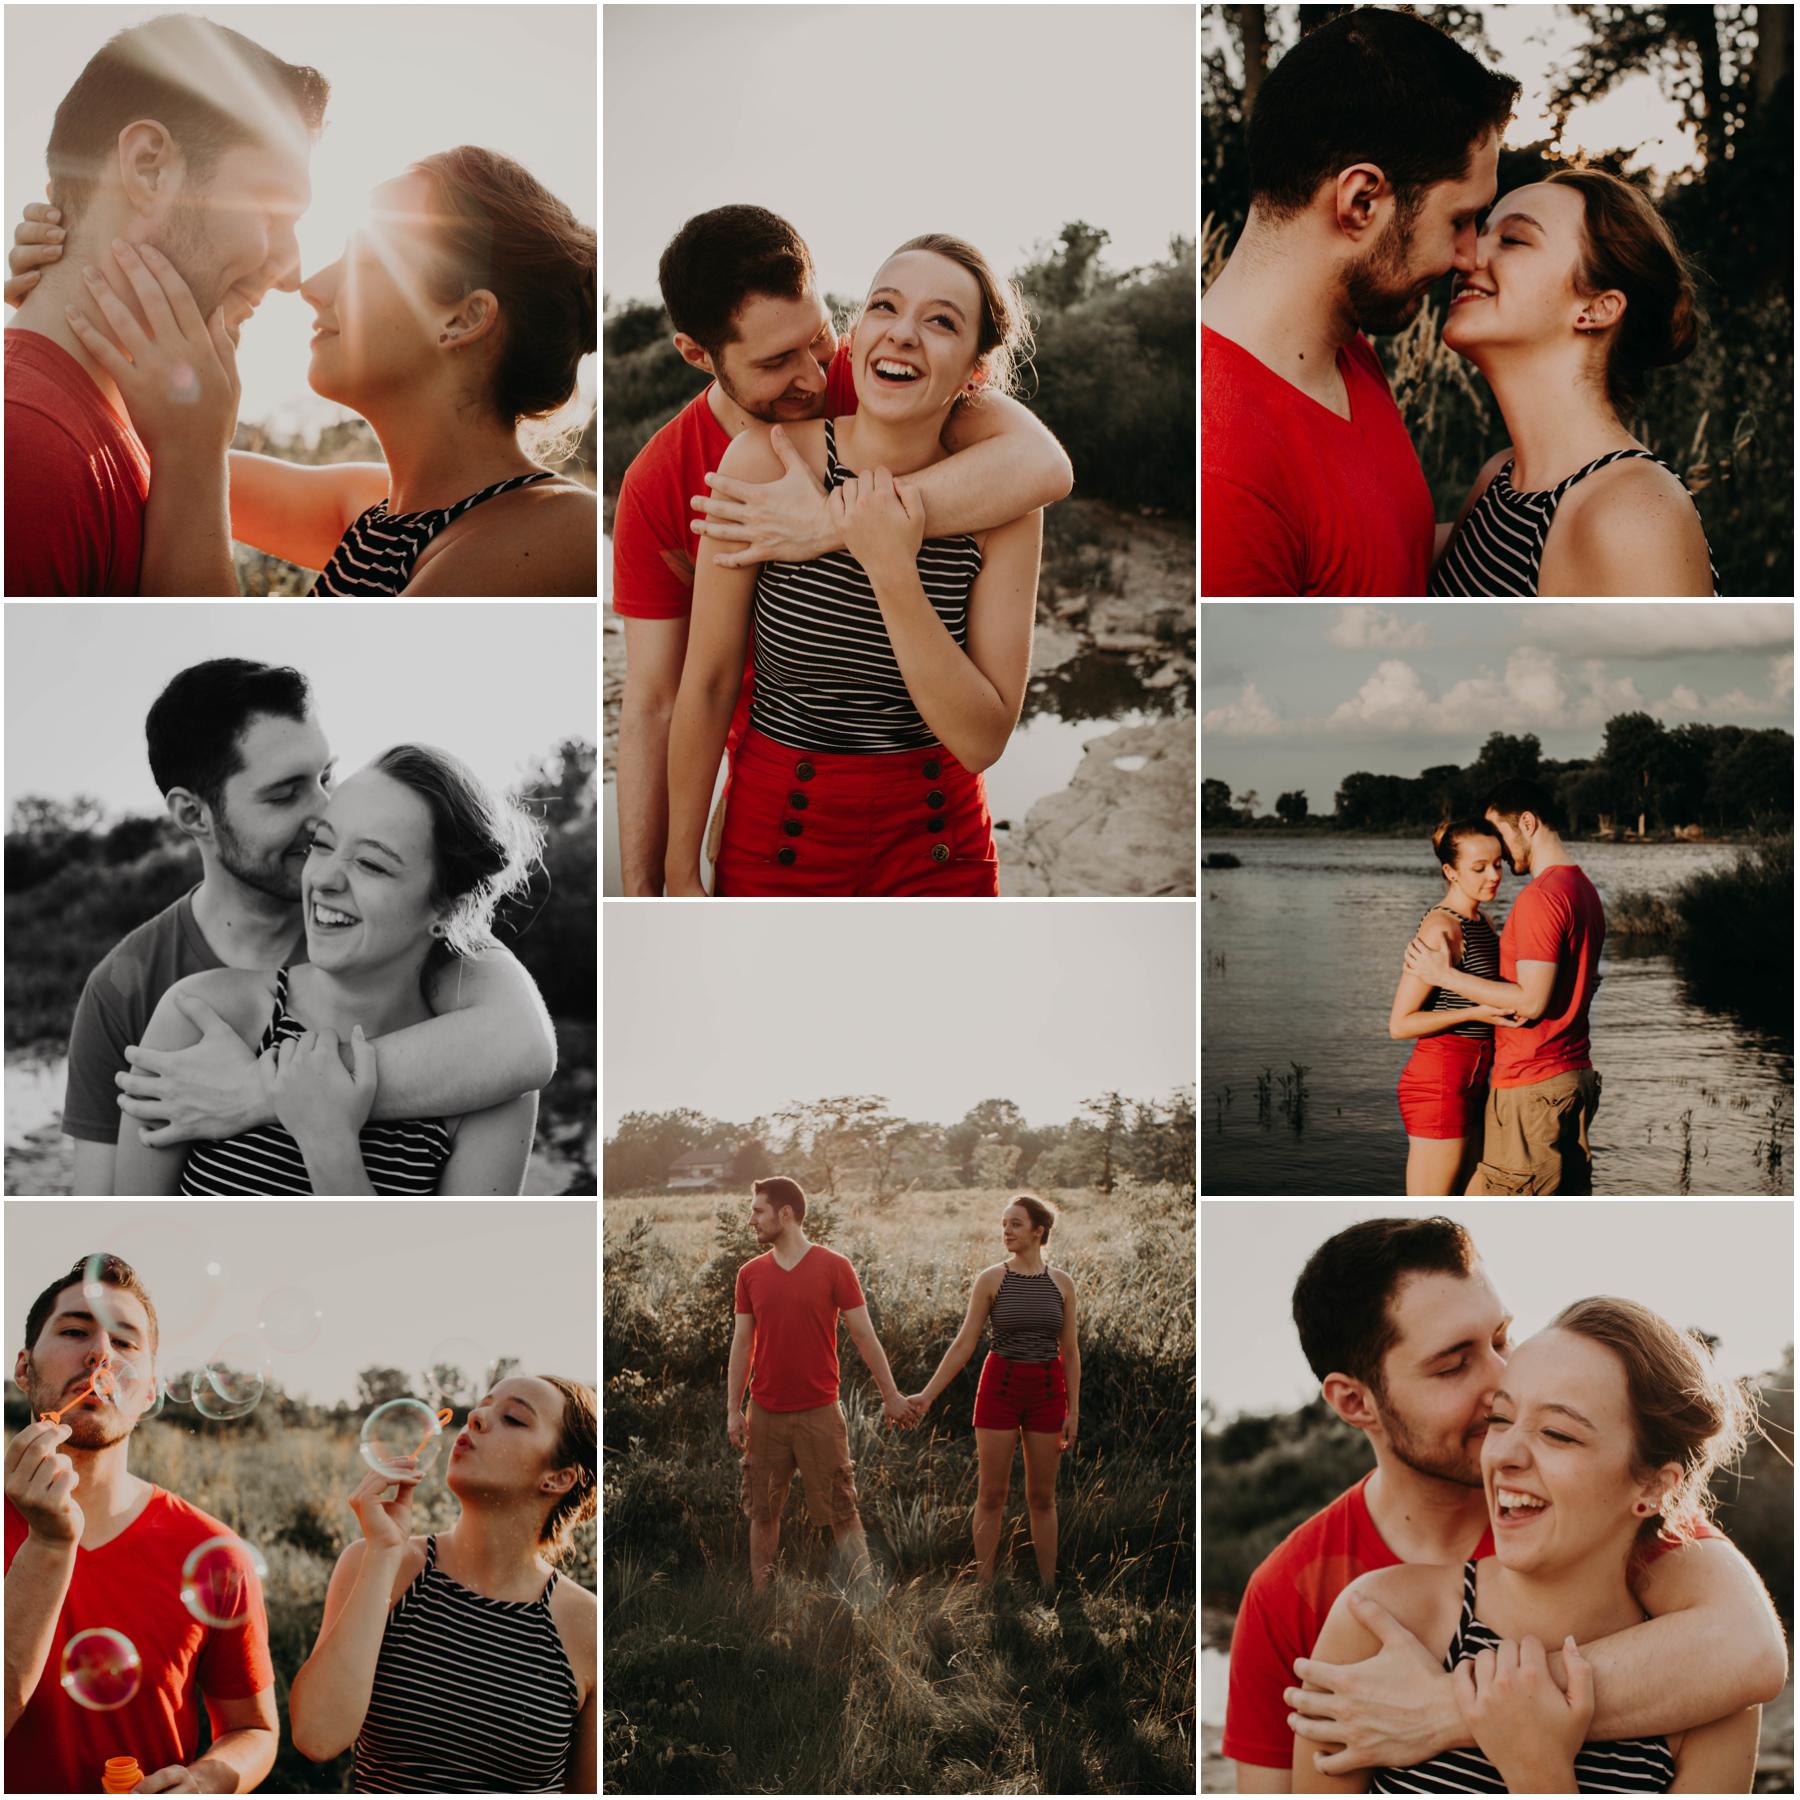 Как правильно фотографироваться парами